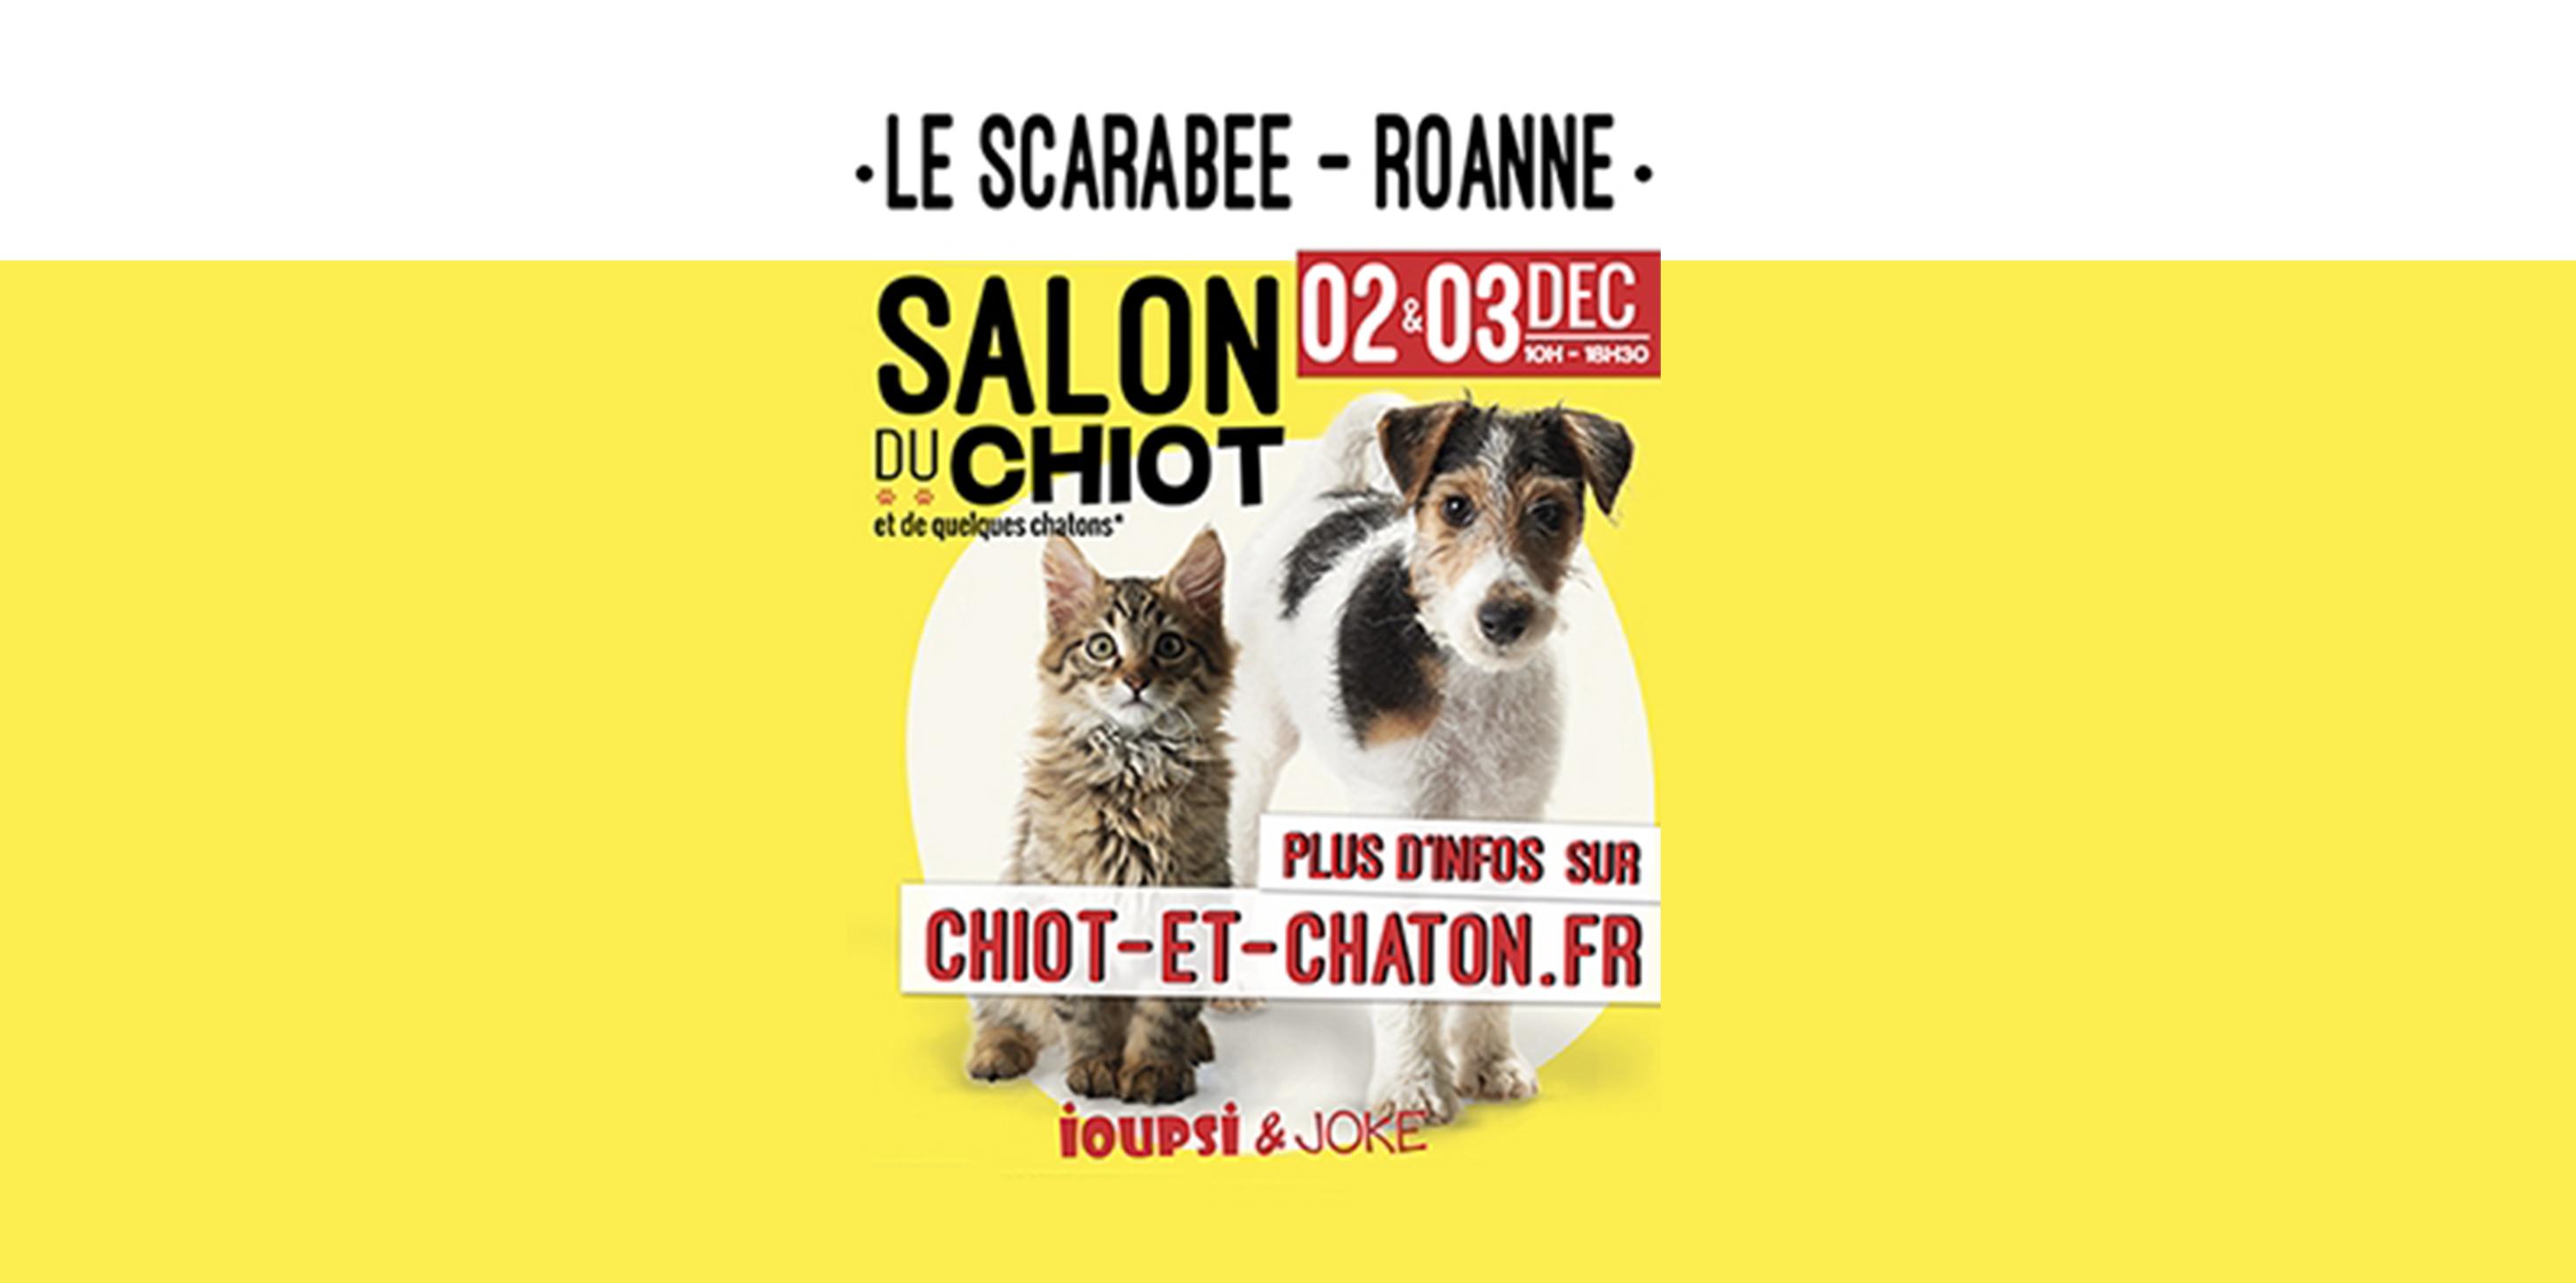 Salon du chiot au scarab e de roanne radio scoop for Salon du chiot lyon